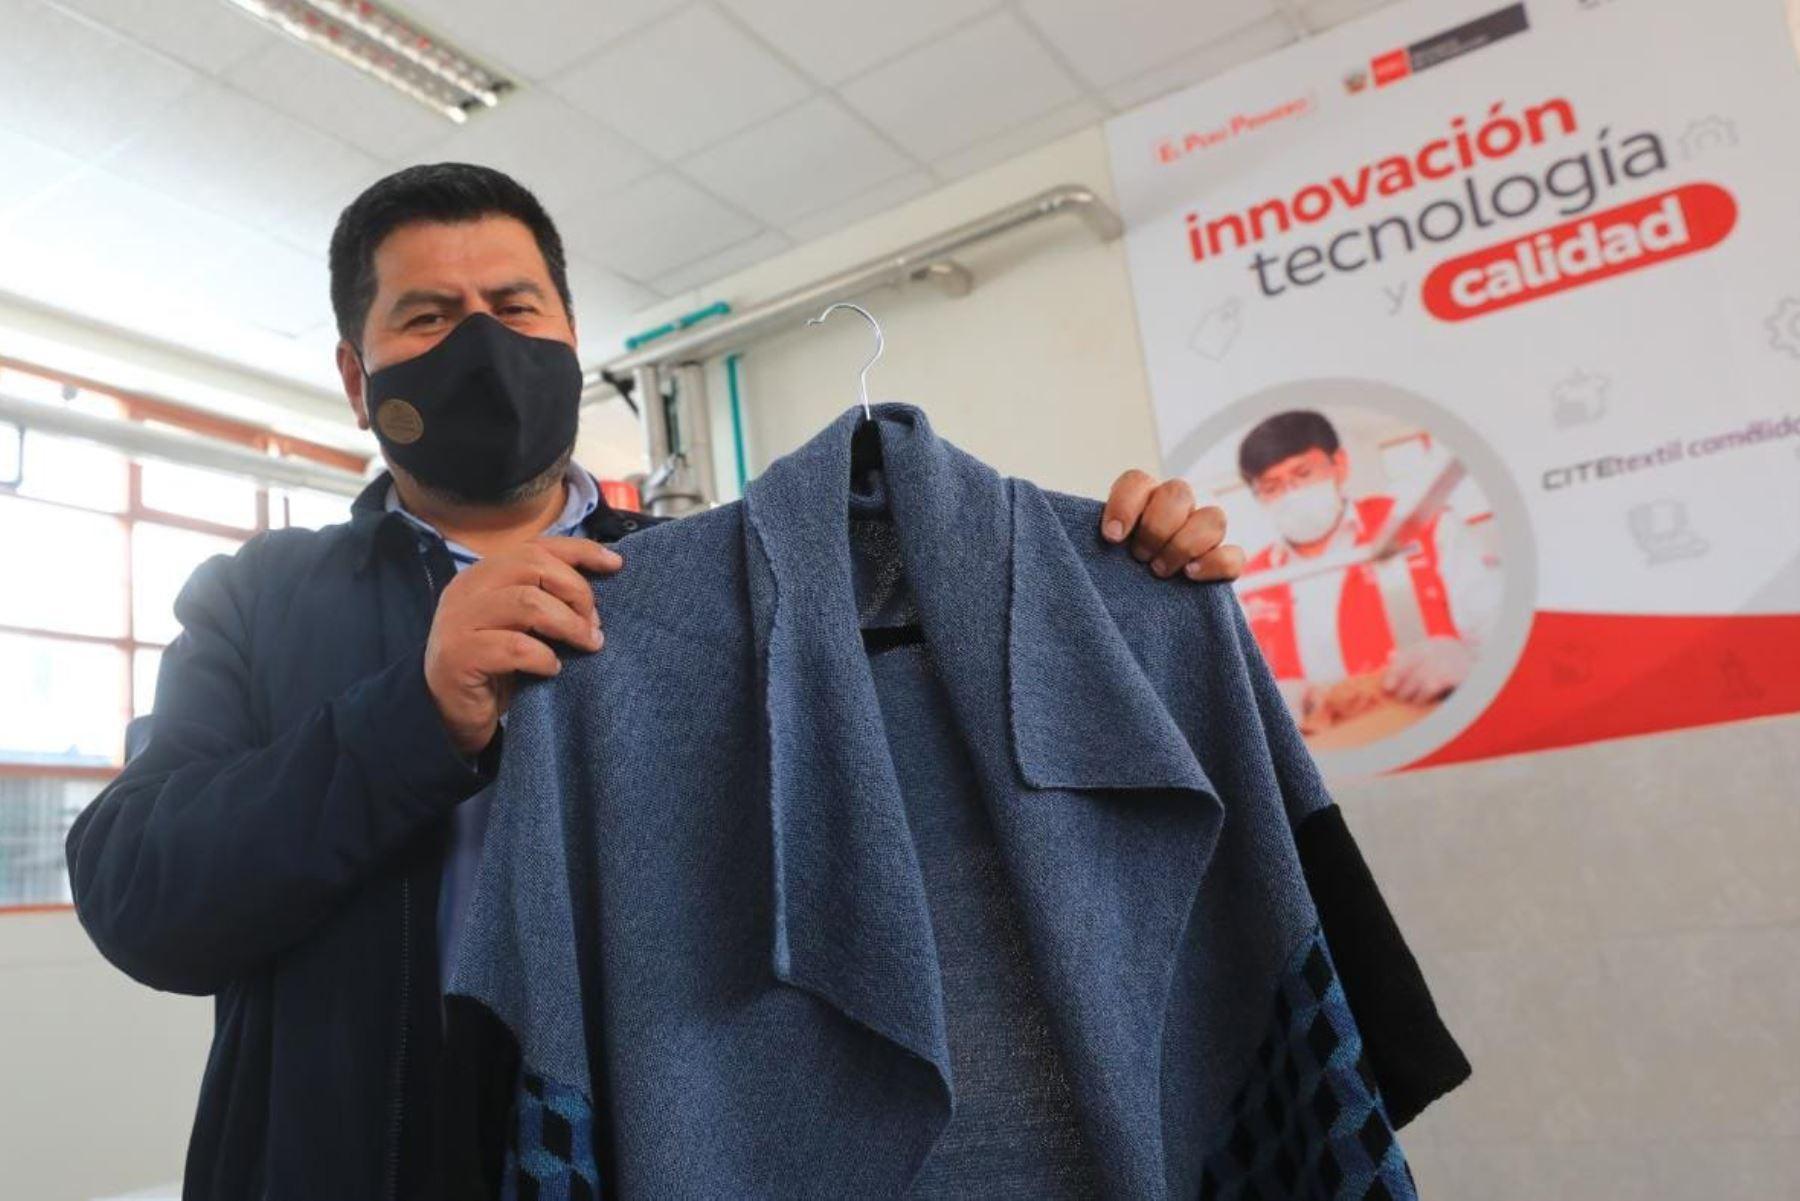 El ministro José Salardi en compañía del gobernador regional de Huancavelica,  Maciste Díaz, el alcalde de Paucará, Mauro Huarcaya, el alcalde de Yauli, Silvestre Soto, y una comitiva de autoridades, recorre el CITE textil Camélidos Cusco.  Foto: ANDINA/Produce